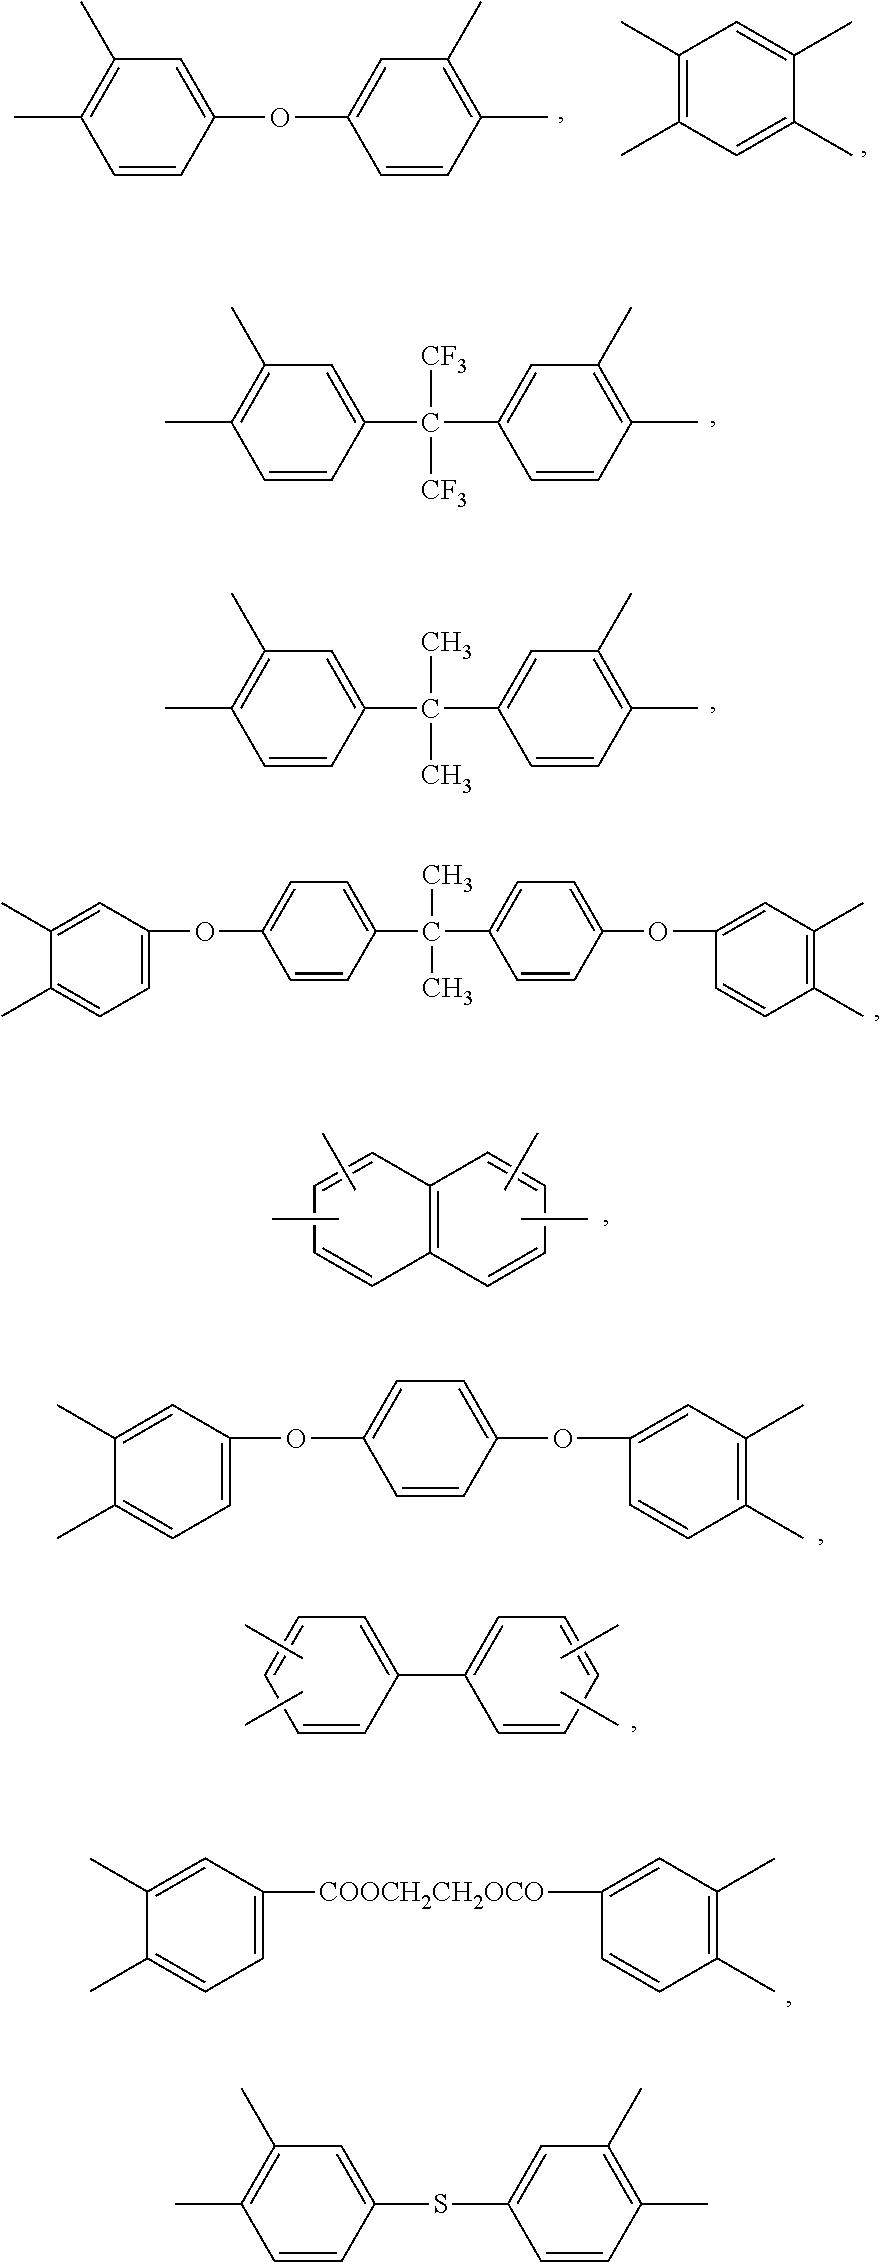 Figure US08132677-20120313-C00008